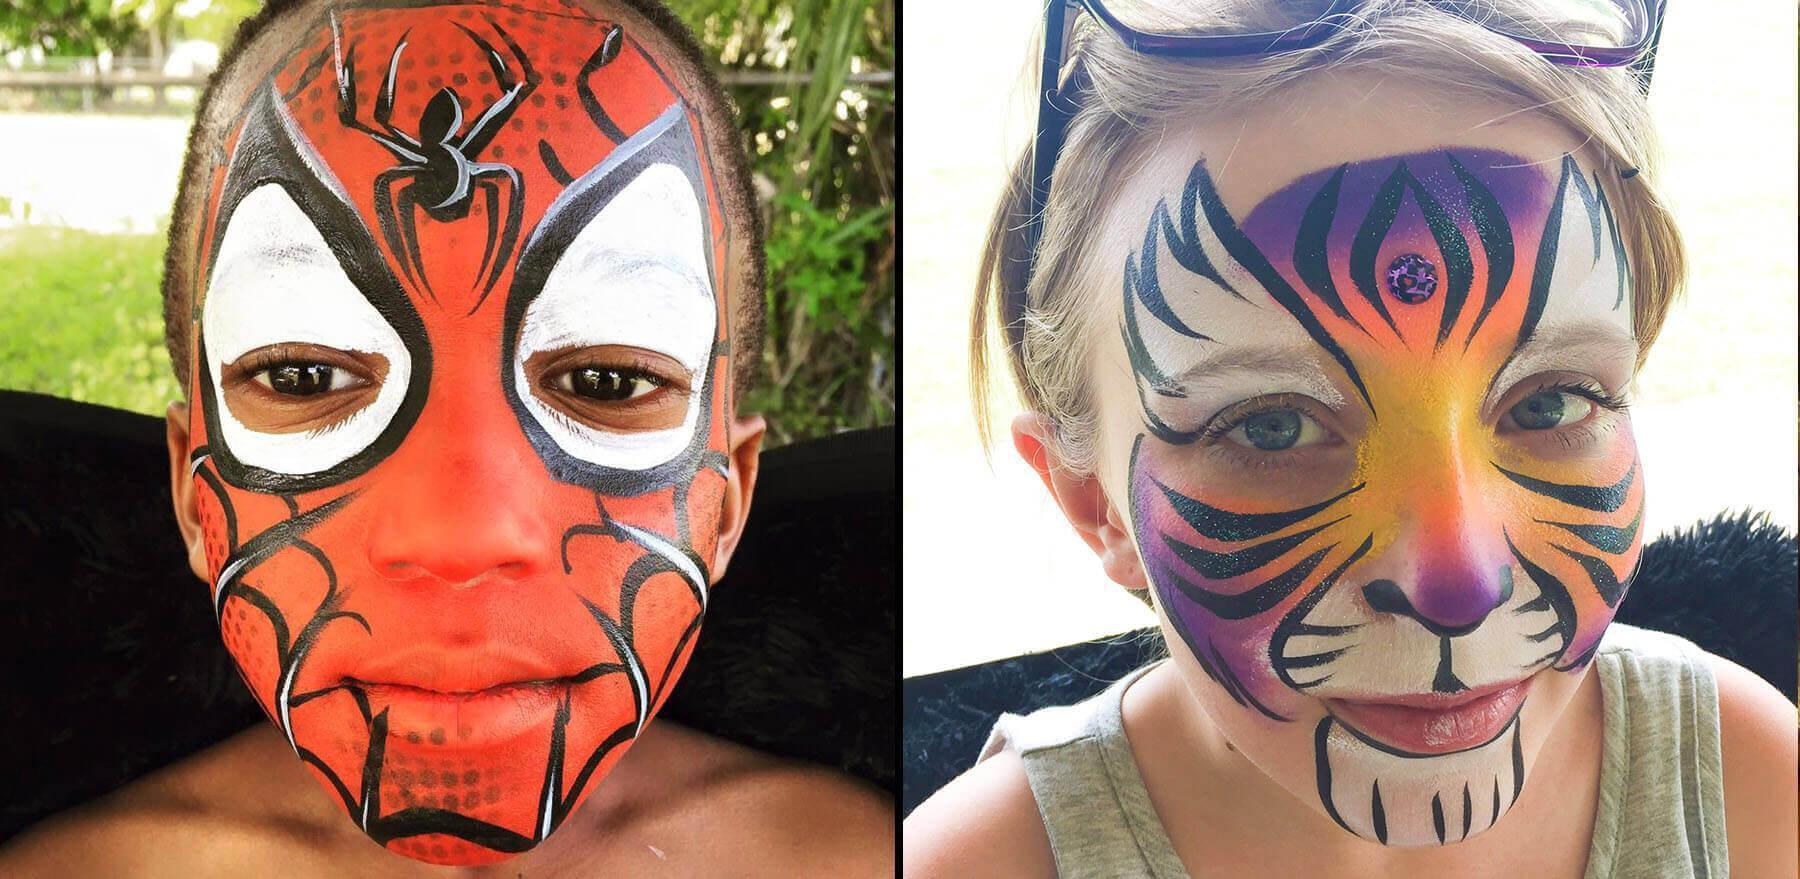 face painters in Deltona fl